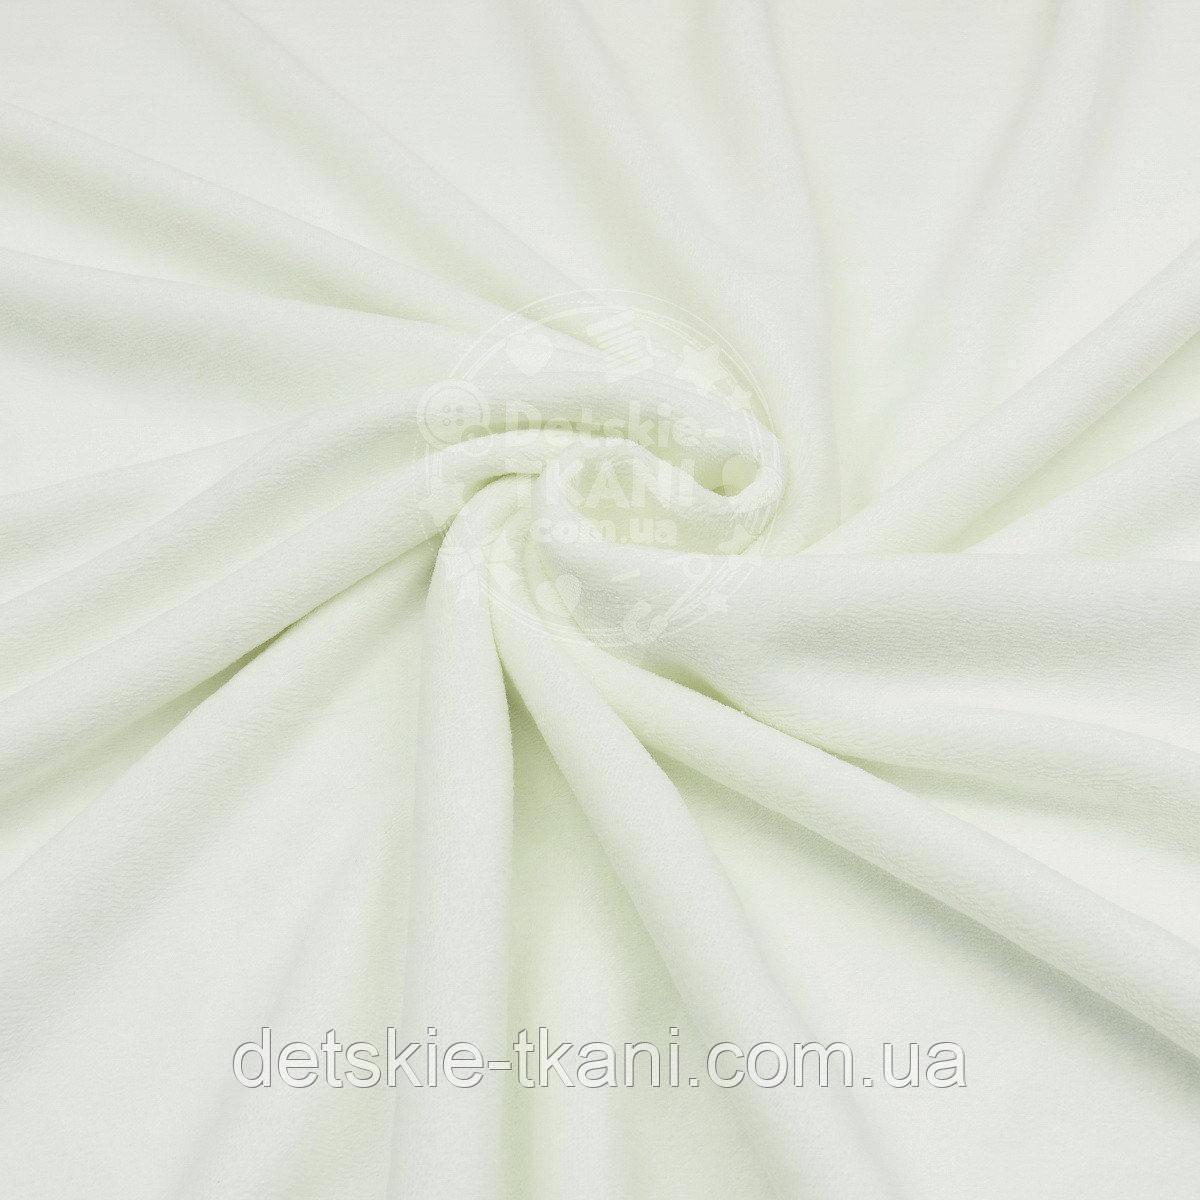 Лоскут однотонного ХБ велюра белого цвета, размер 55*150 см